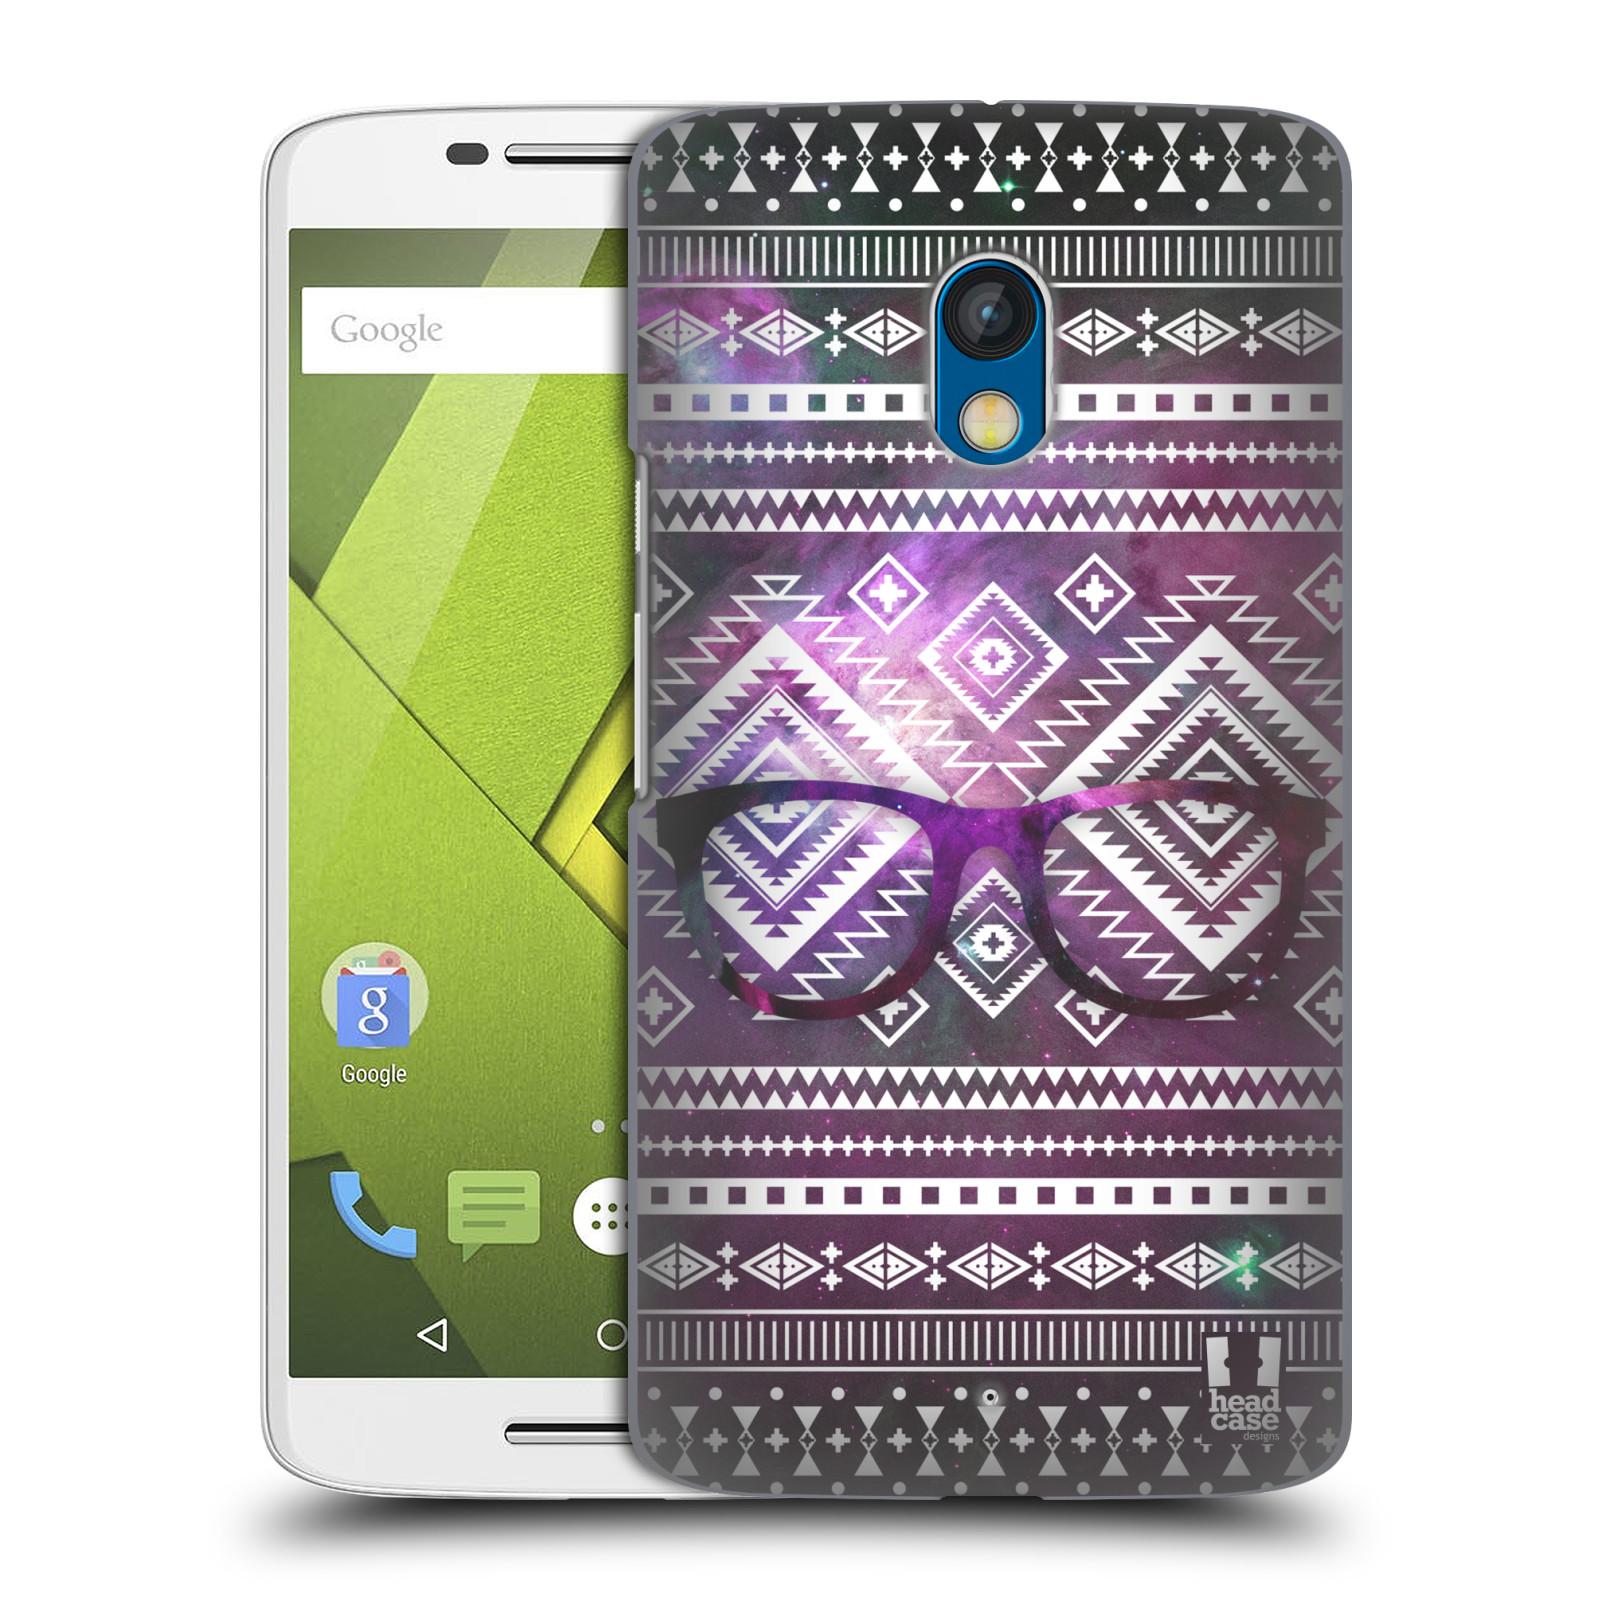 Plastové pouzdro na mobil Motorola Moto X Play HEAD CASE NEBULA BRÝLE (Kryt či obal na mobilní telefon Motorola Moto X Play XT1562)